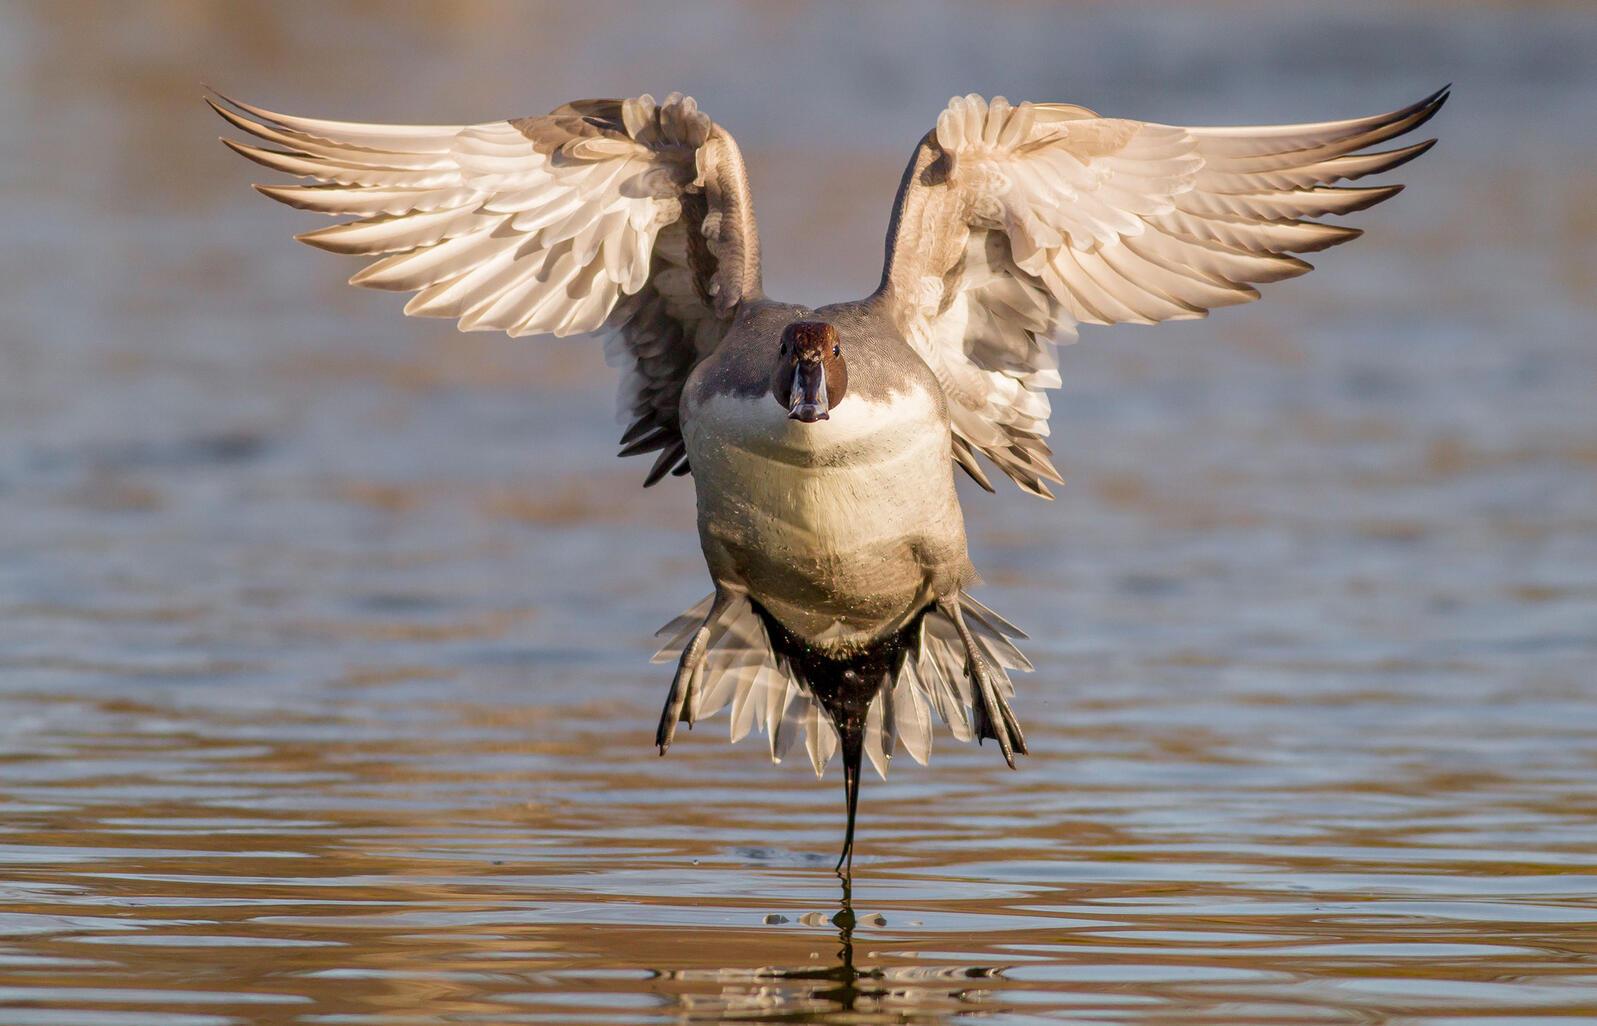 Northern Pintail. Ben Knoot/Audubon Photography Awards